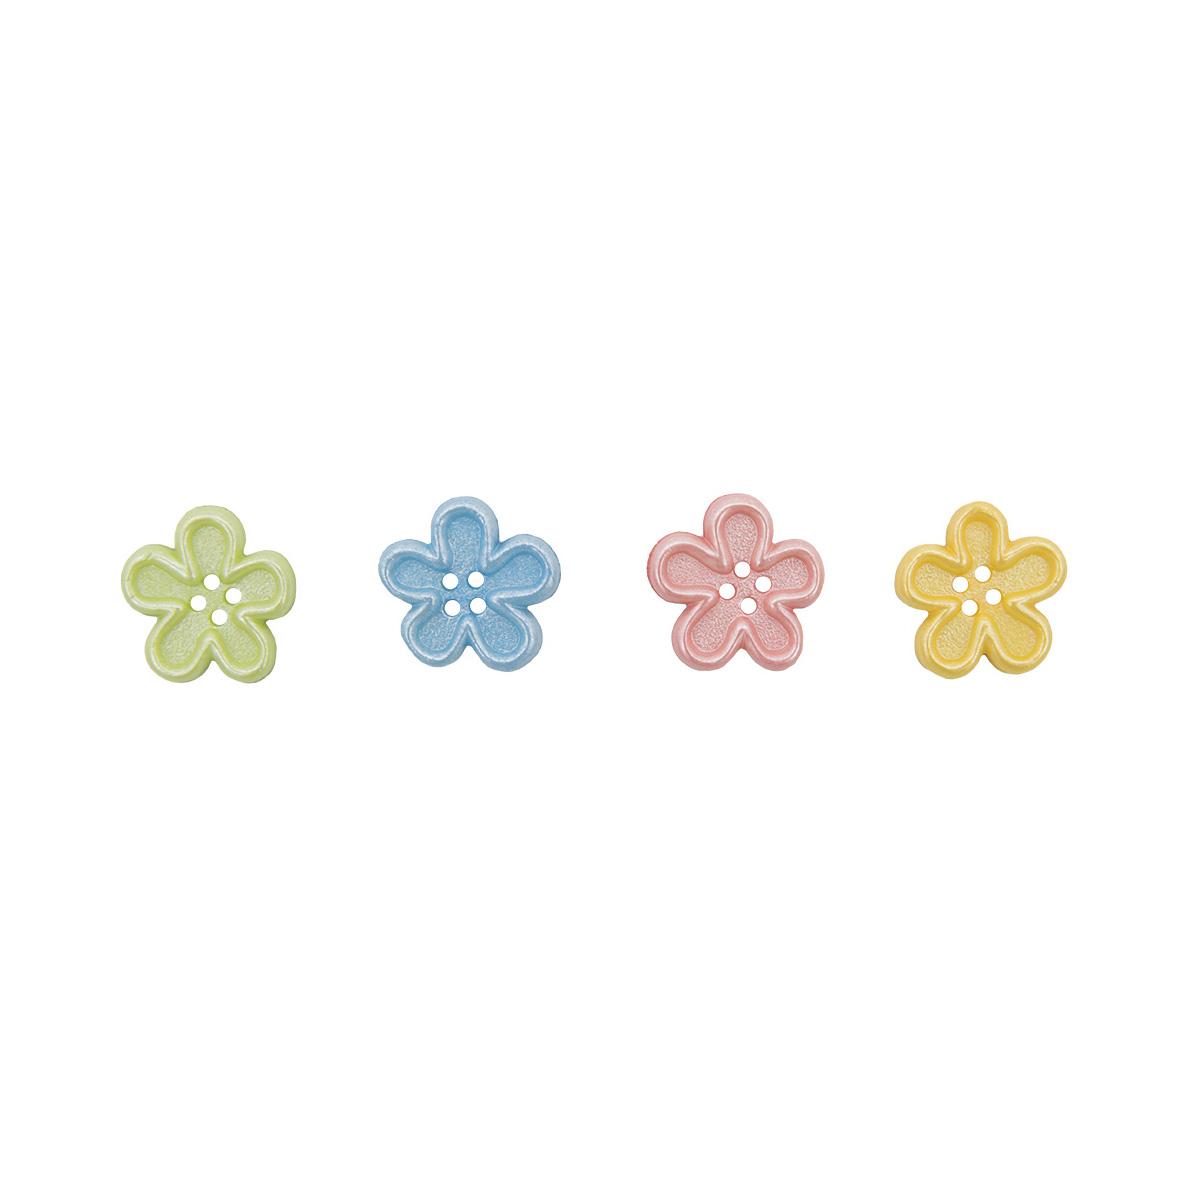 5387, Декоративные пуговицы. Цветы Dress It Up